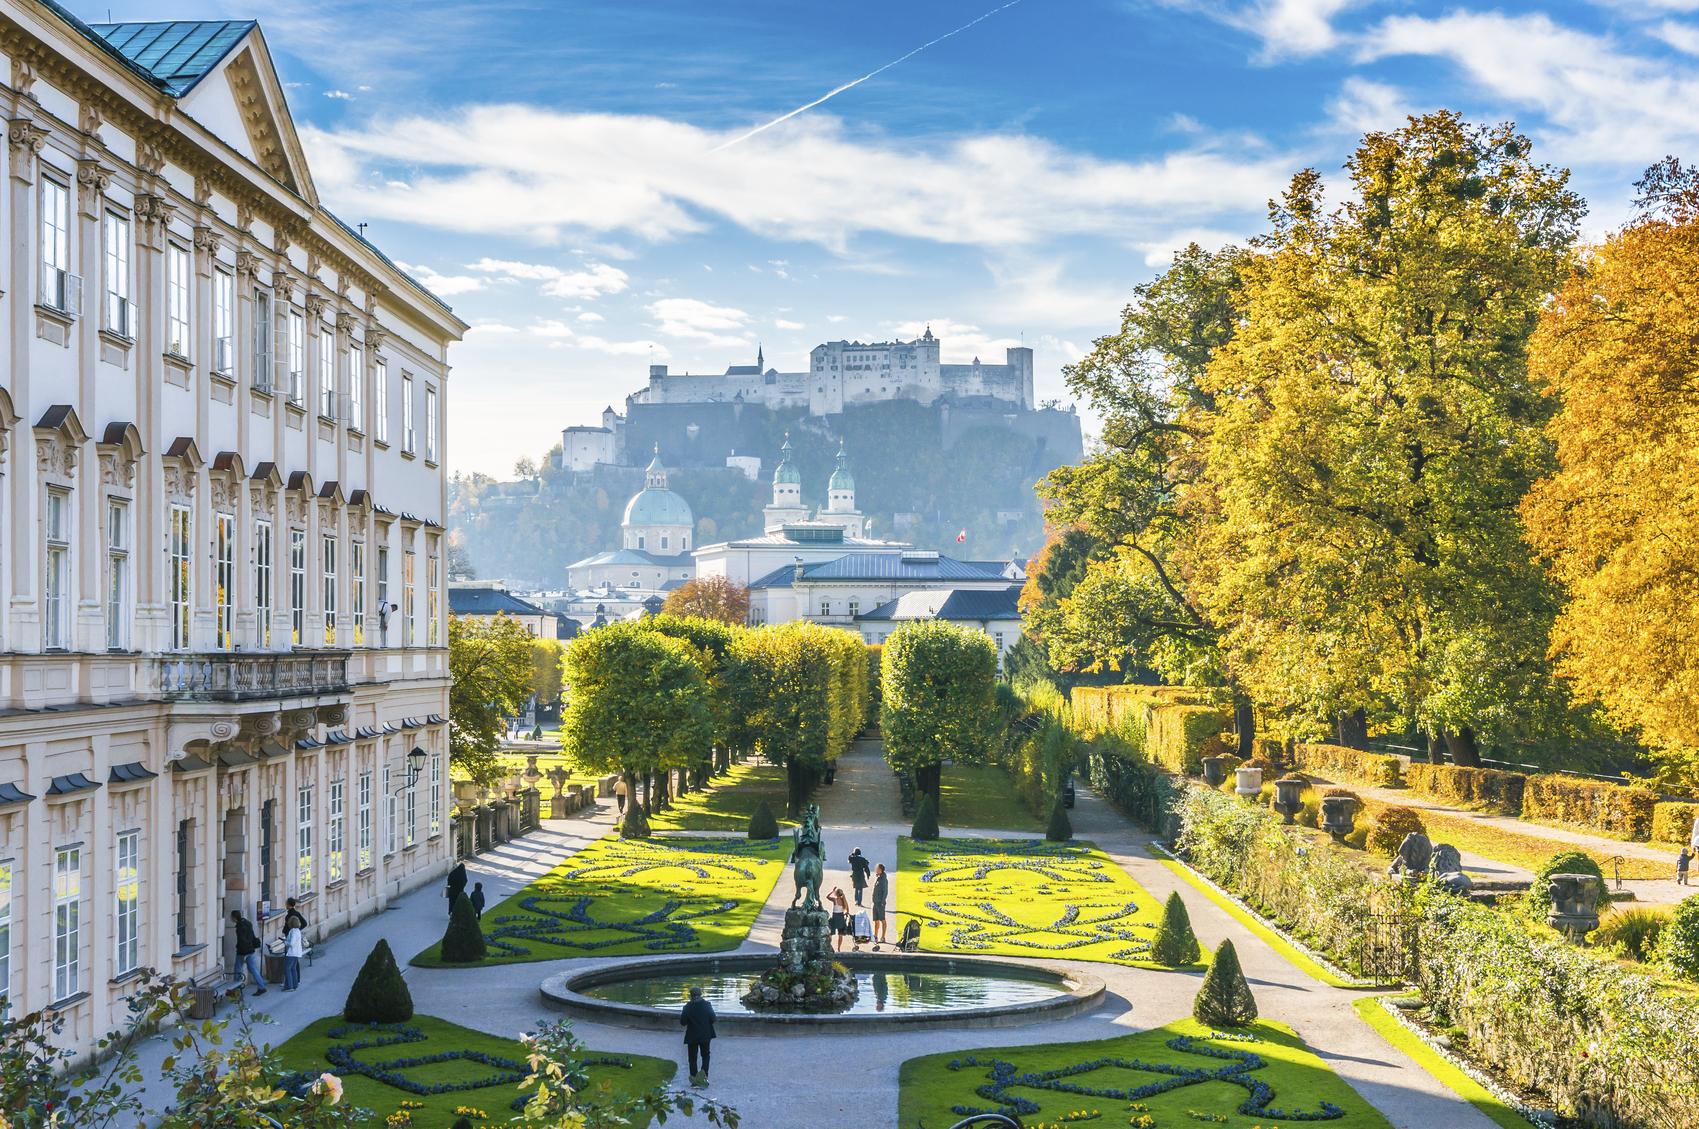 De fotogenieke Mirabell Gardens in Salzburg. (foto istock)